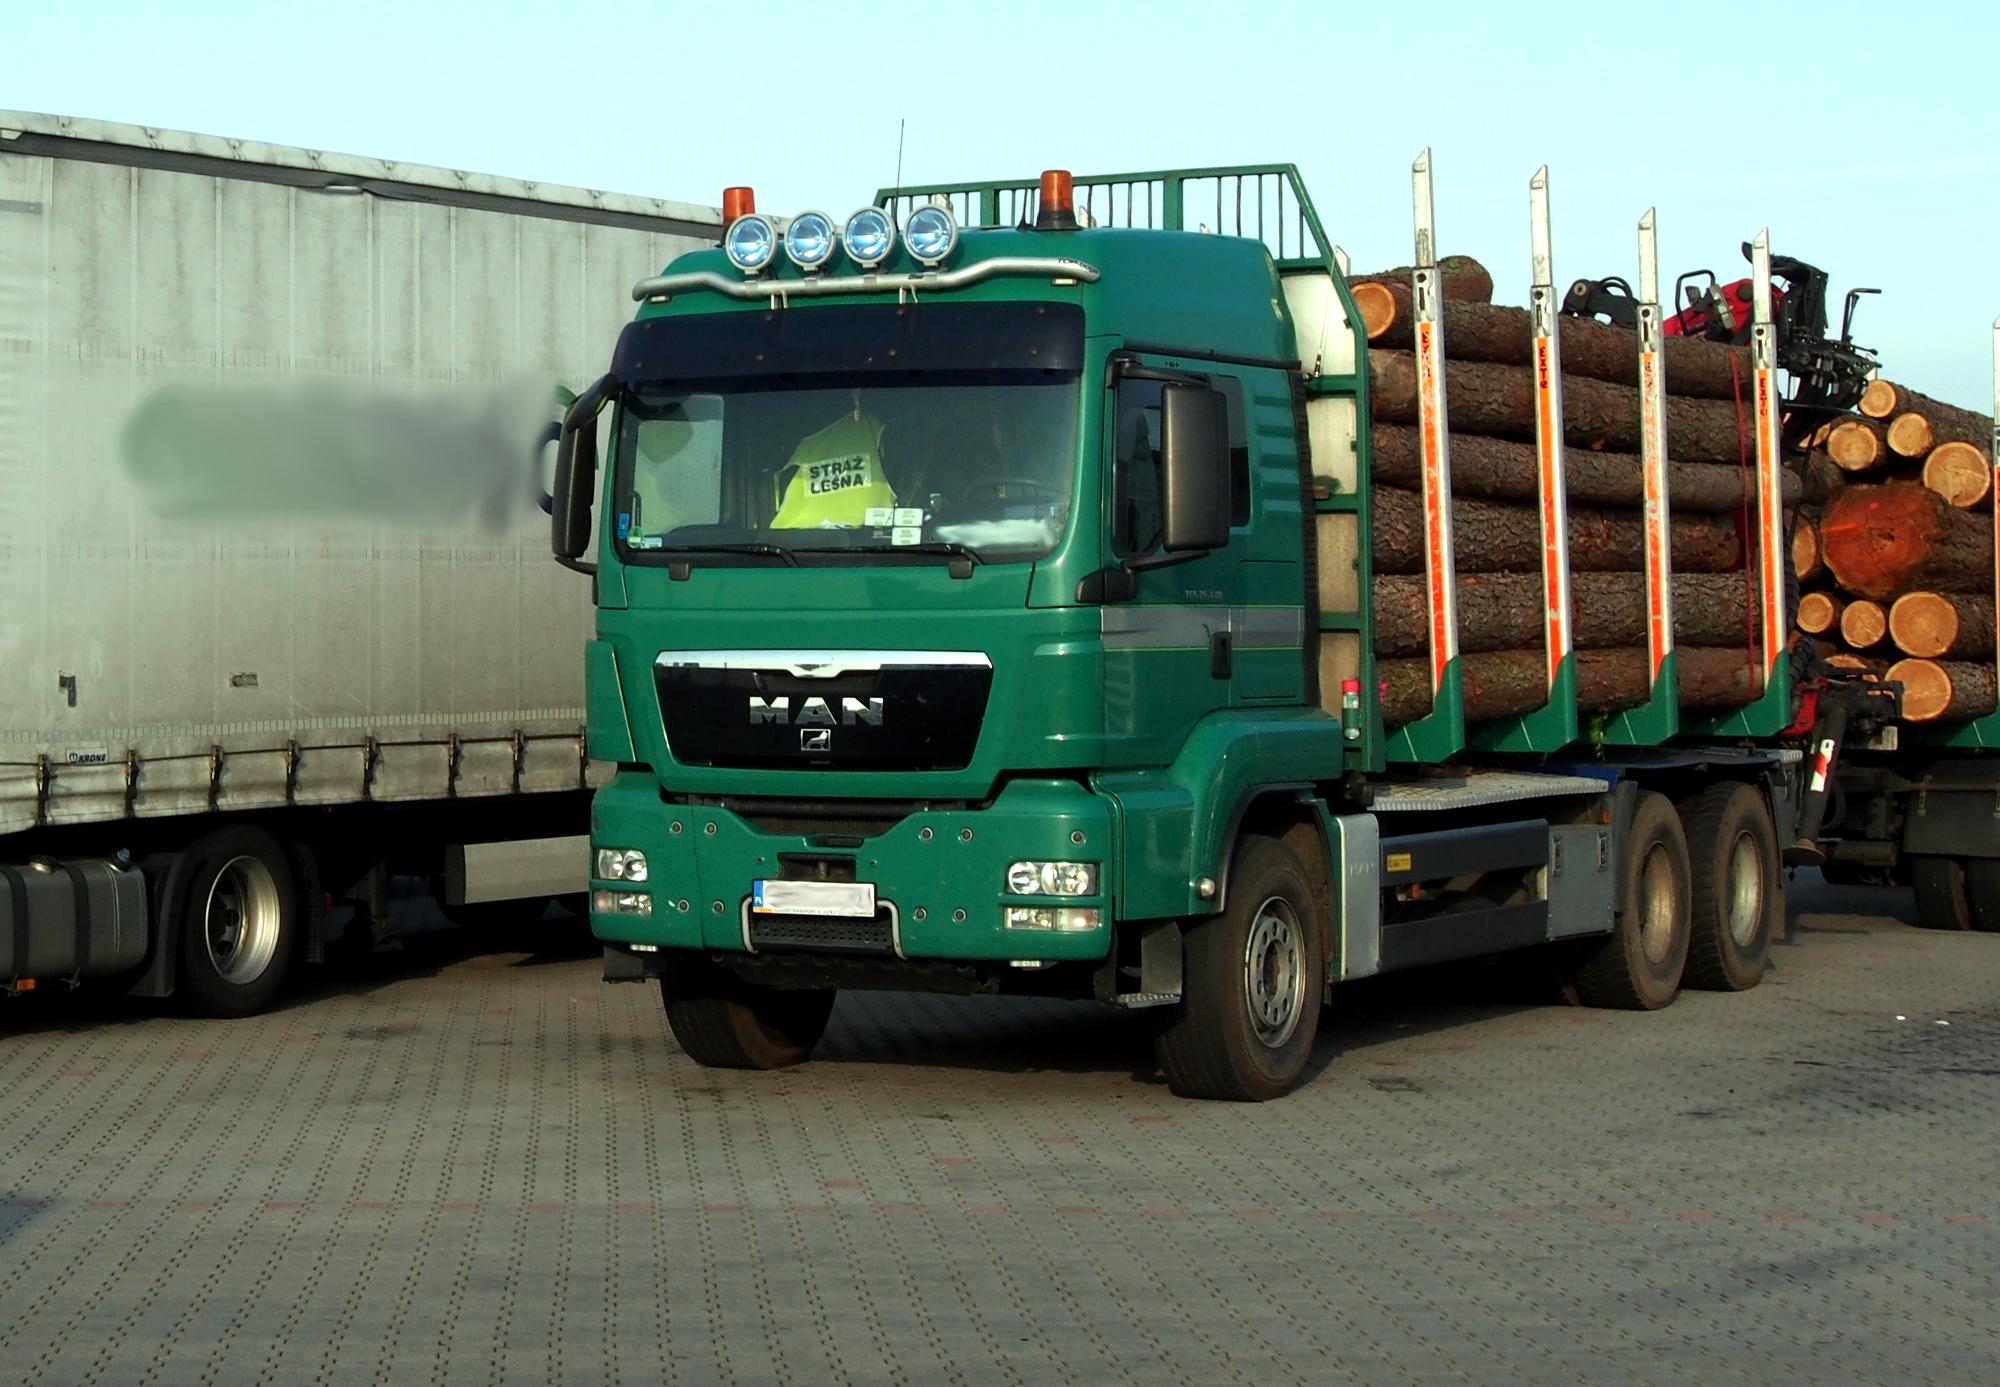 Transport drewna, czyli jak układać i czym zabezpieczać kłonice